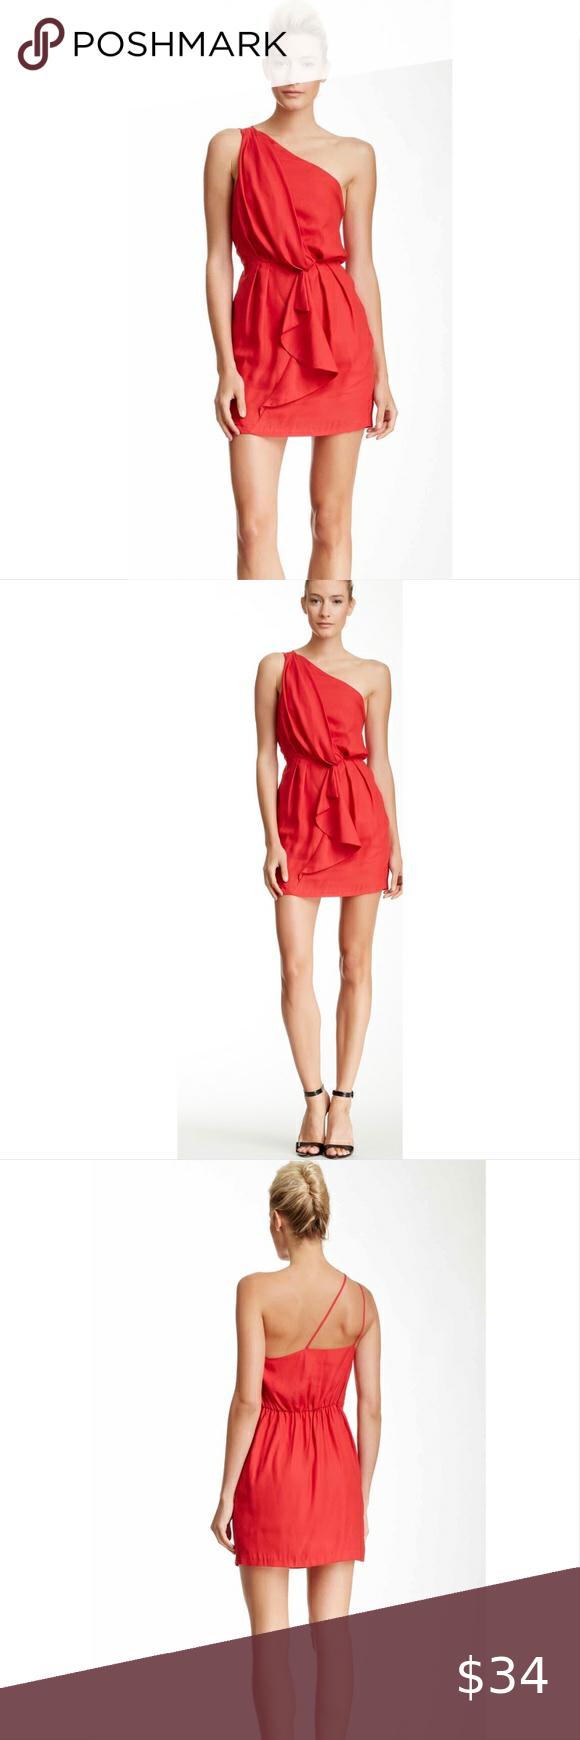 50+ Cerise one shoulder dress trends